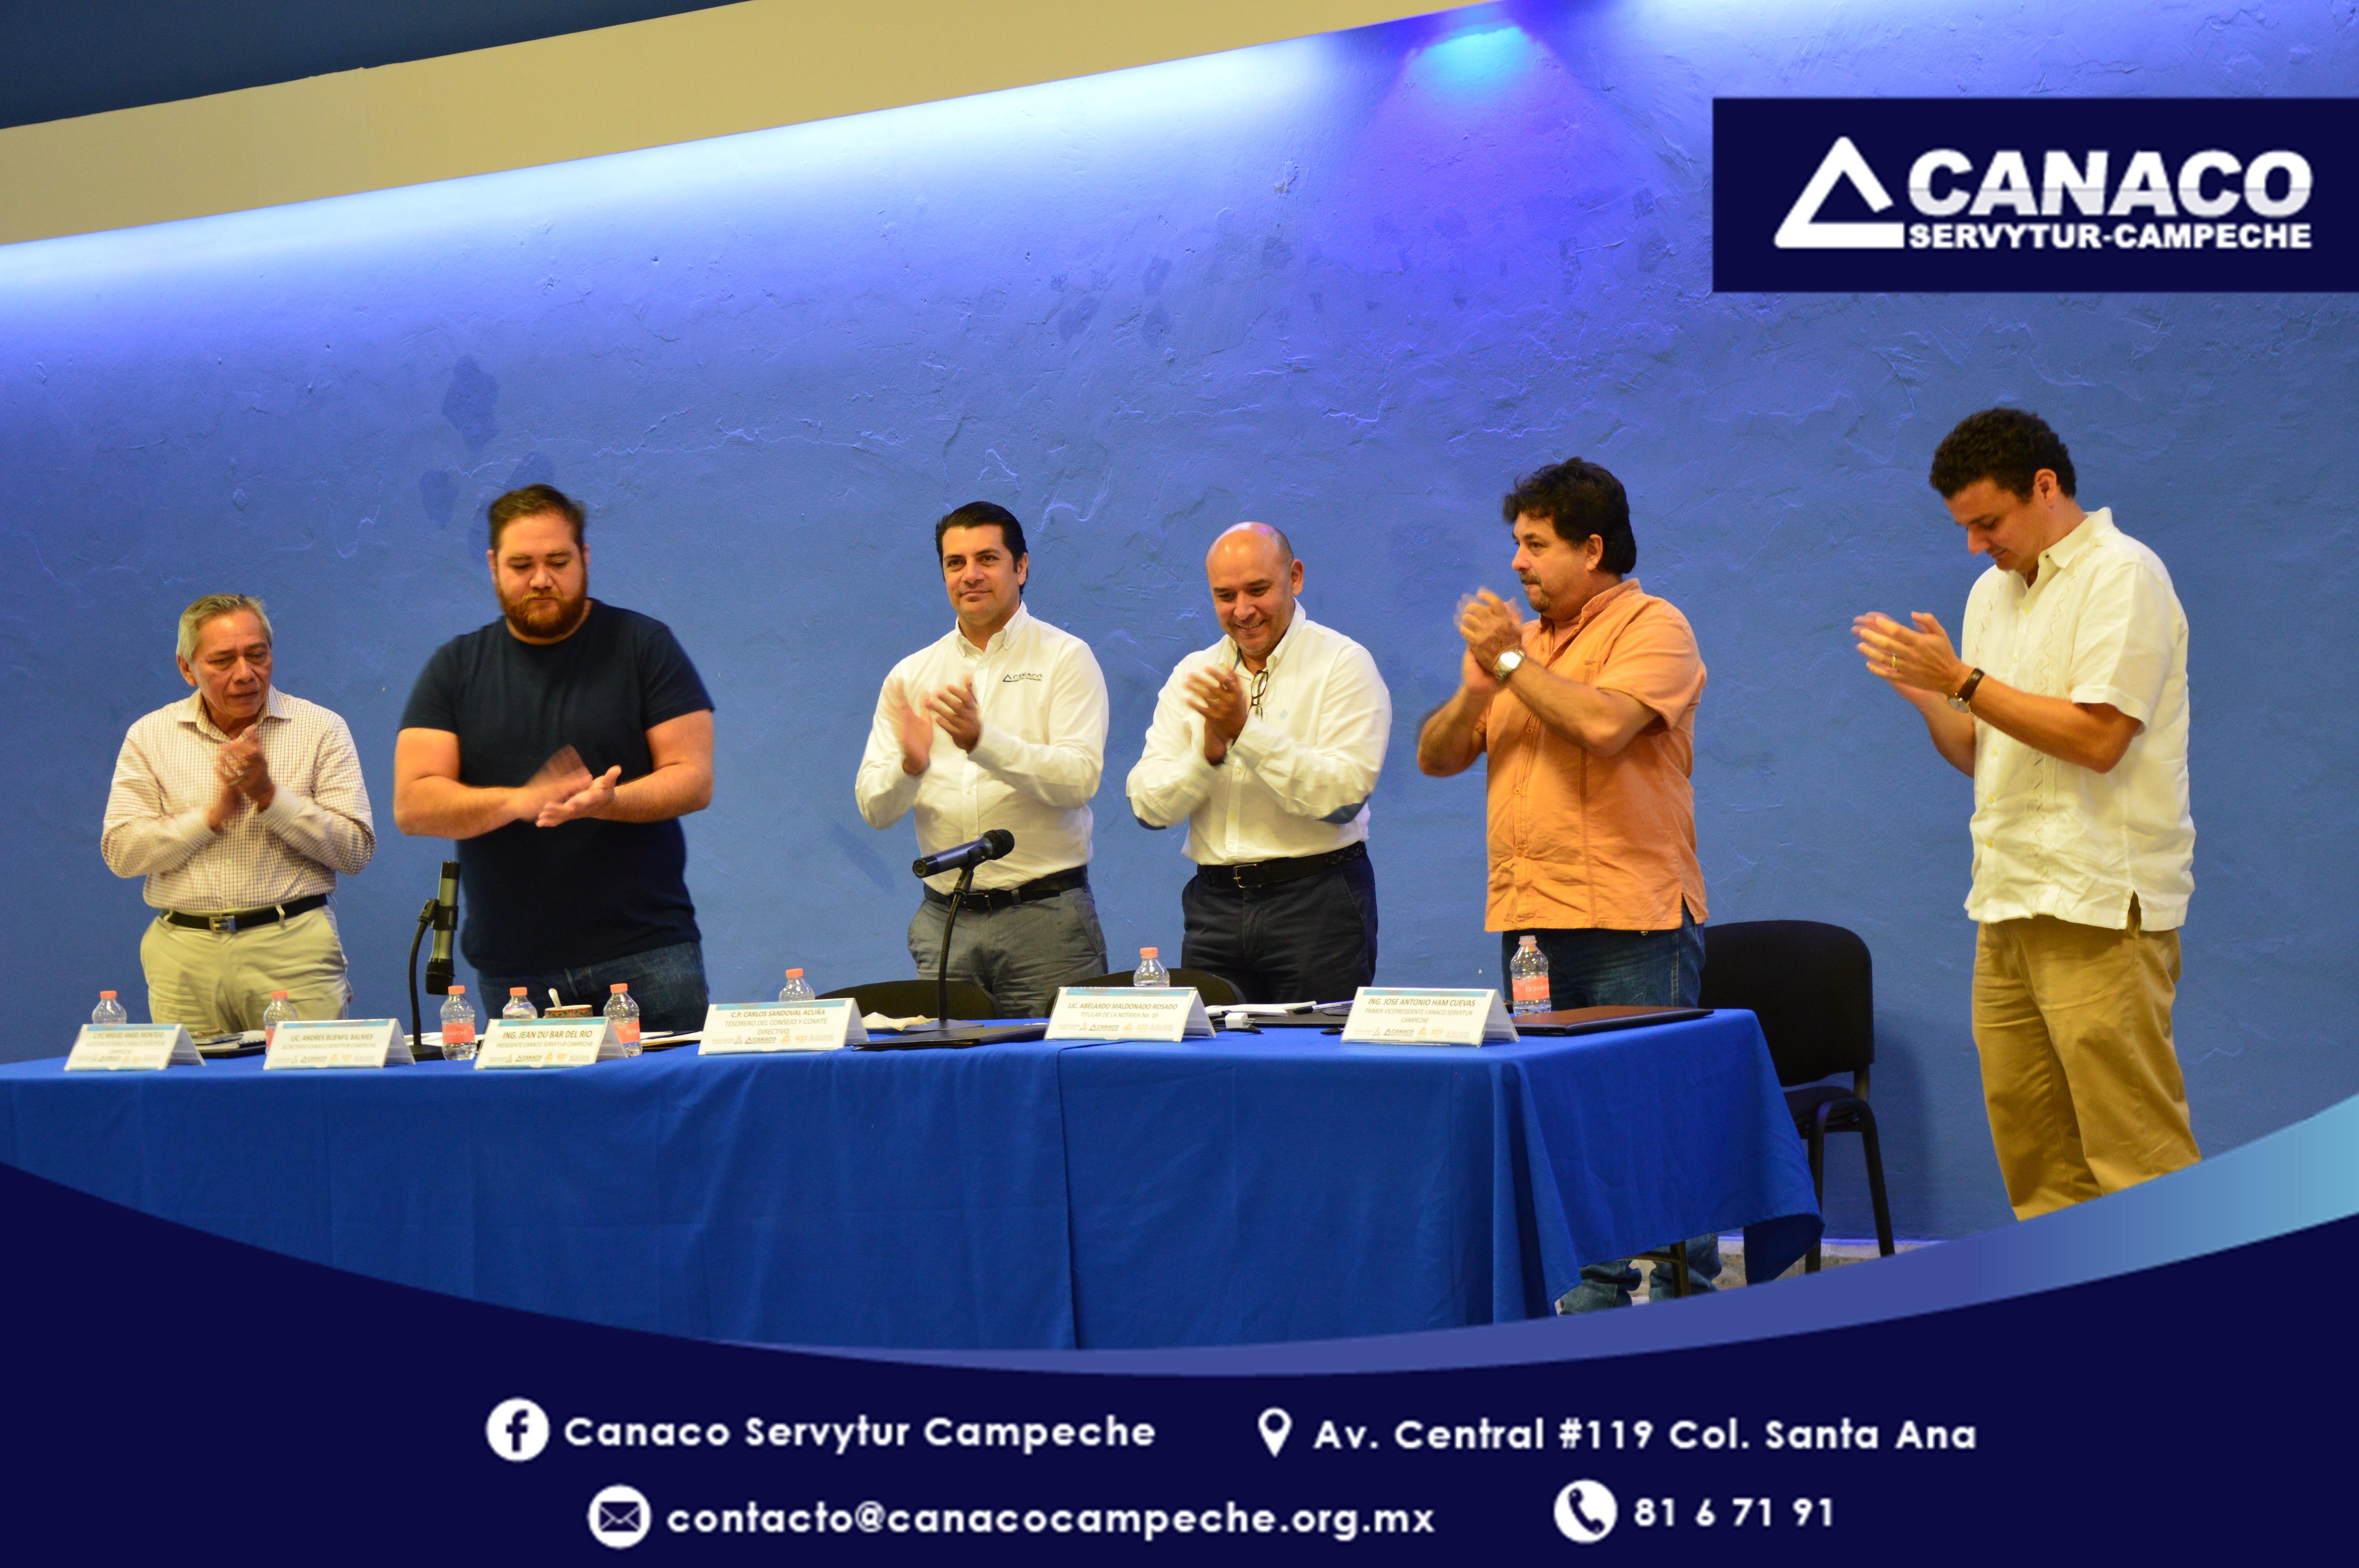 AsambleaGeneral022